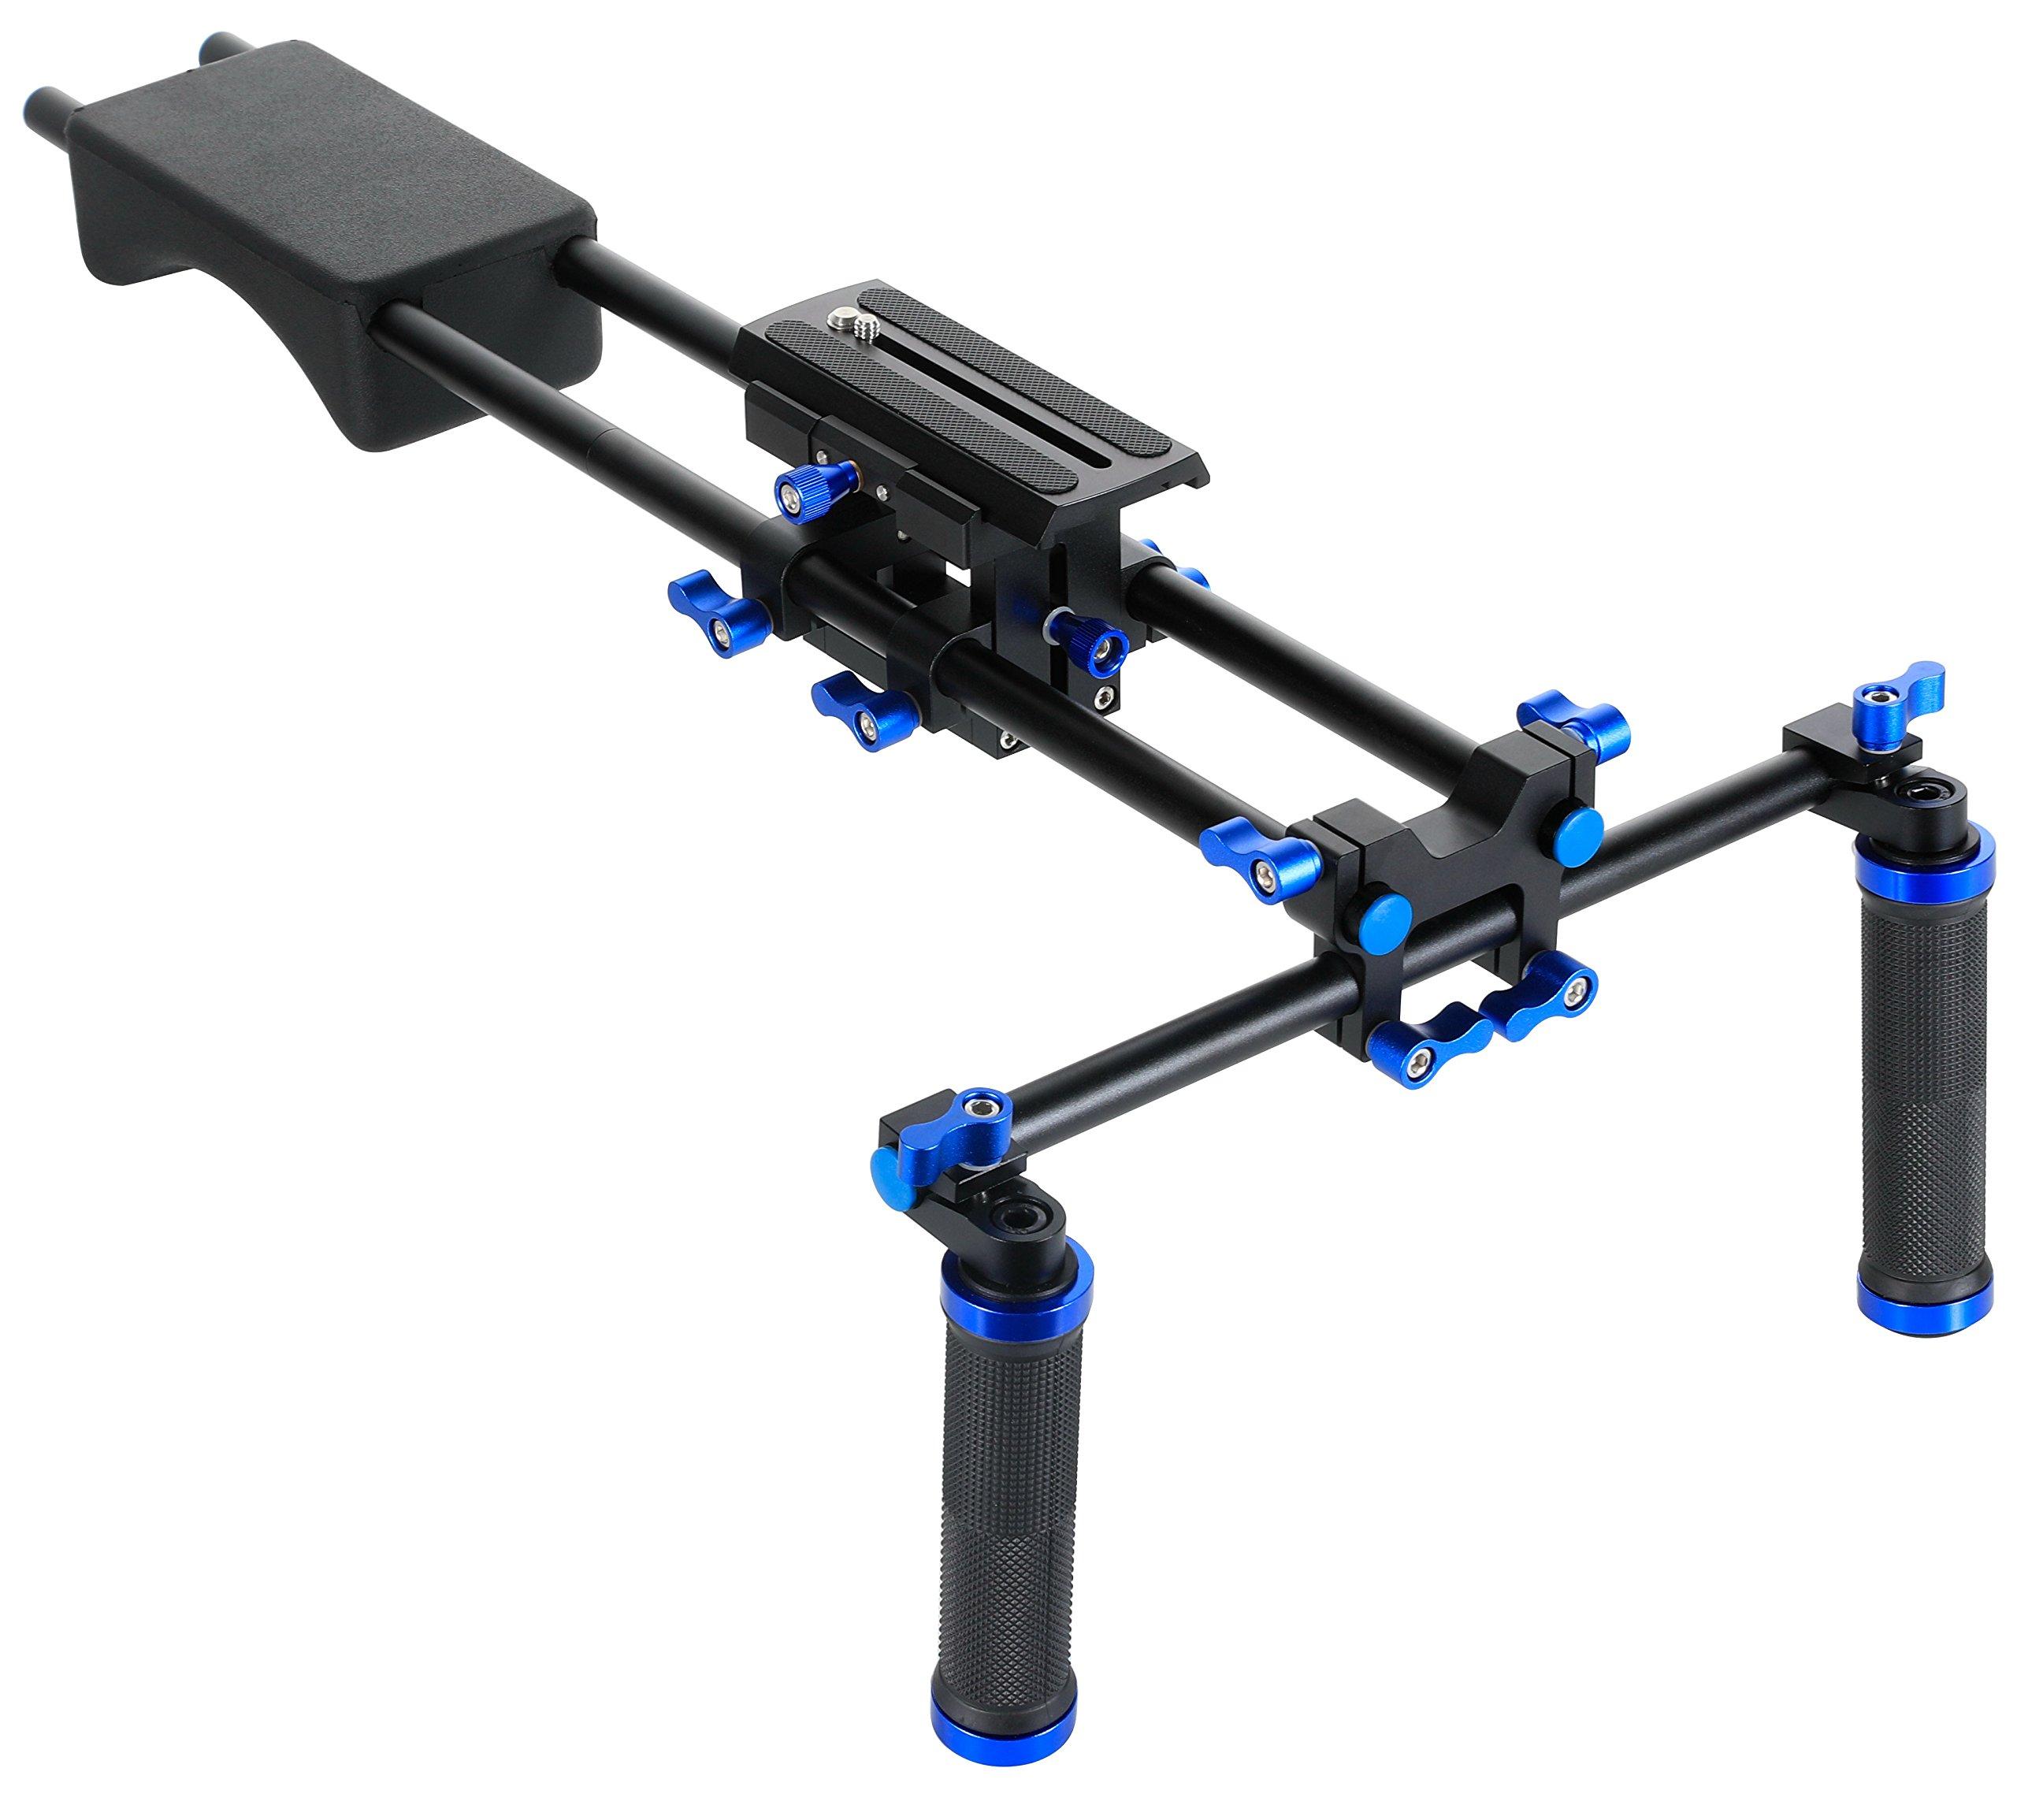 MARSRE Pro DSLR Shoulder Rig Film Making System Camera Shoulder Mount With Camera/Camcorder Mount Slider For All DSLR Video Cameras and DV Camcorders